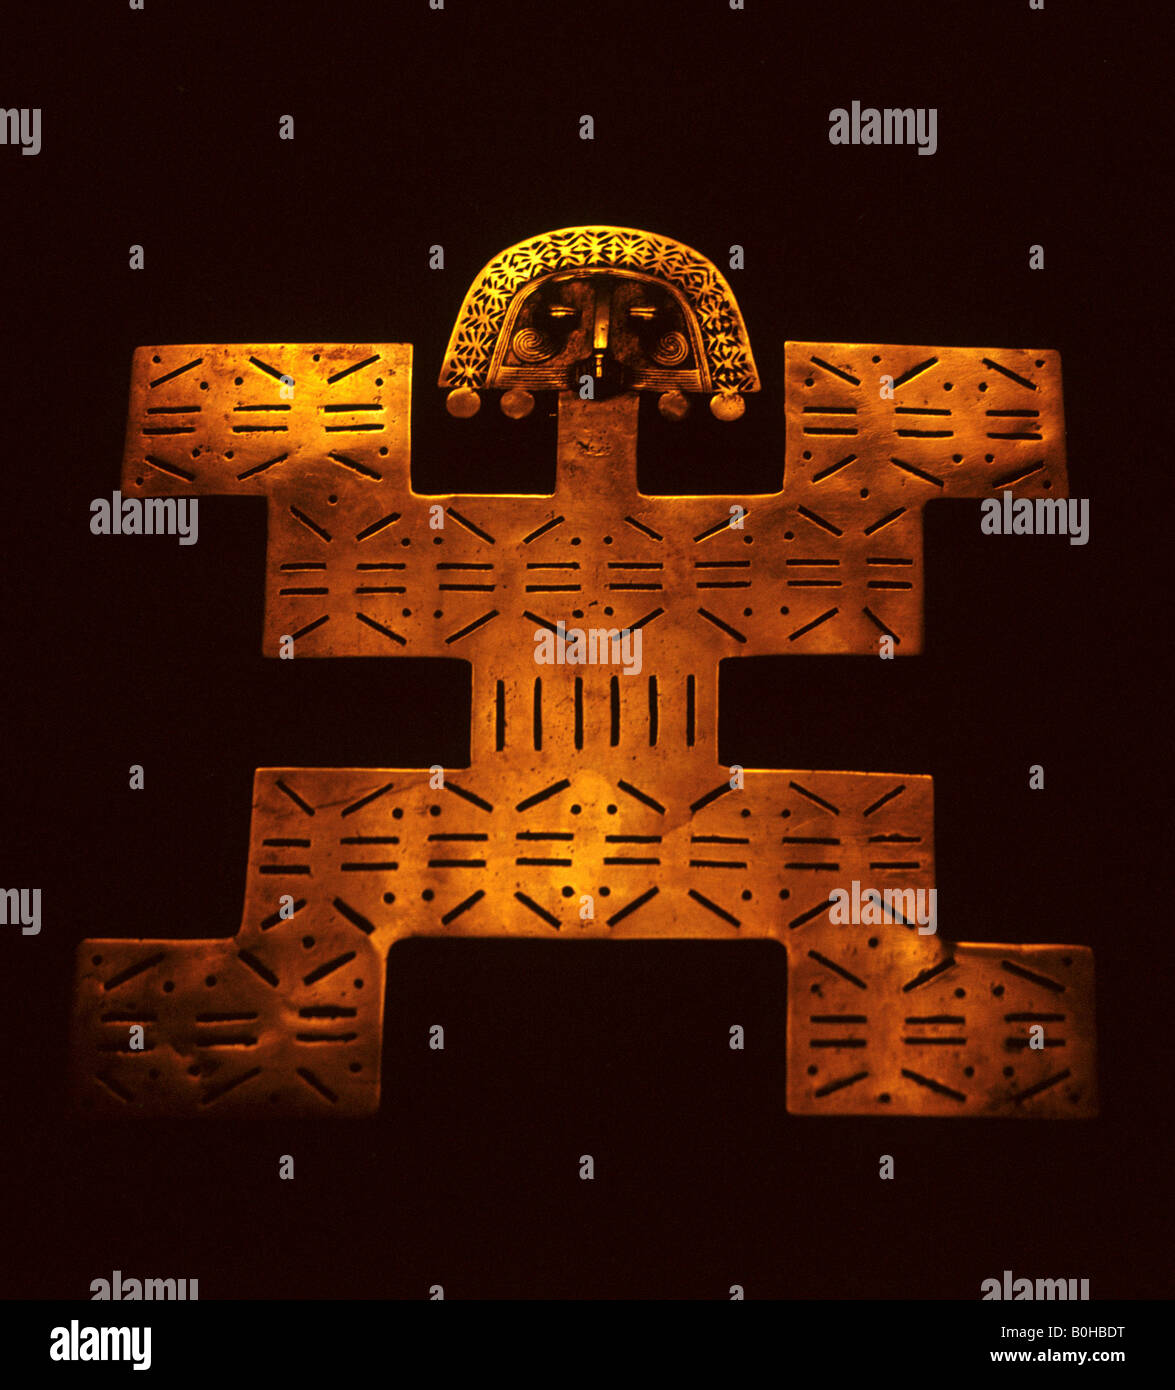 Golden Inca figura, quali il Museo del Oro - Arte Precolombina precolombiana, Museo dell'oro, Bogotà, Colombia, Immagini Stock